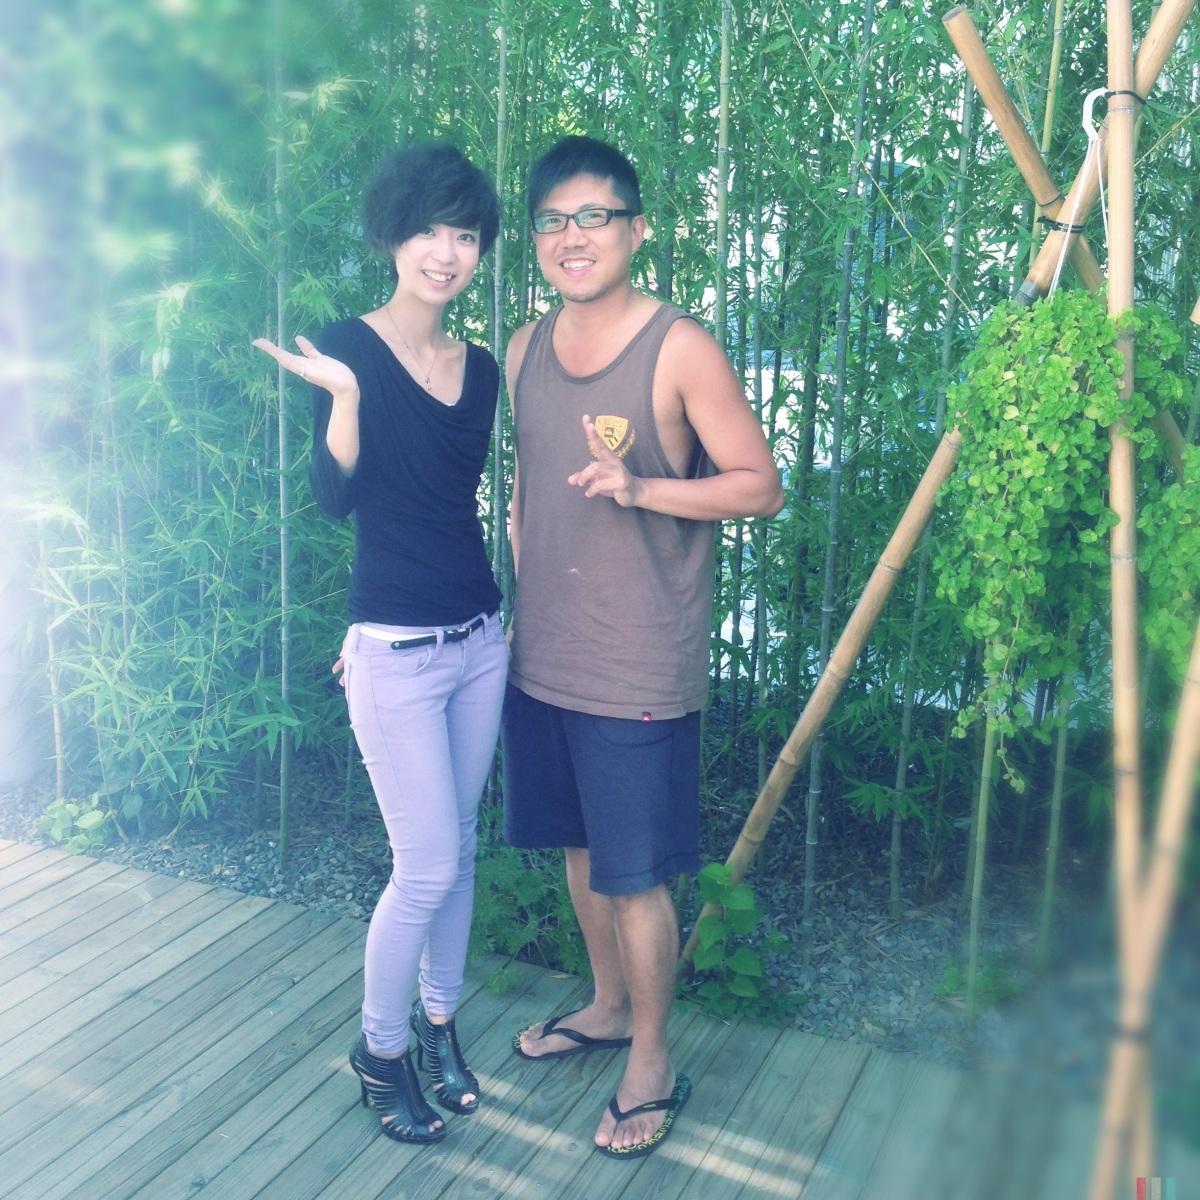 民宿與藝術空間的結合 - 台南市的八又二分之一 6